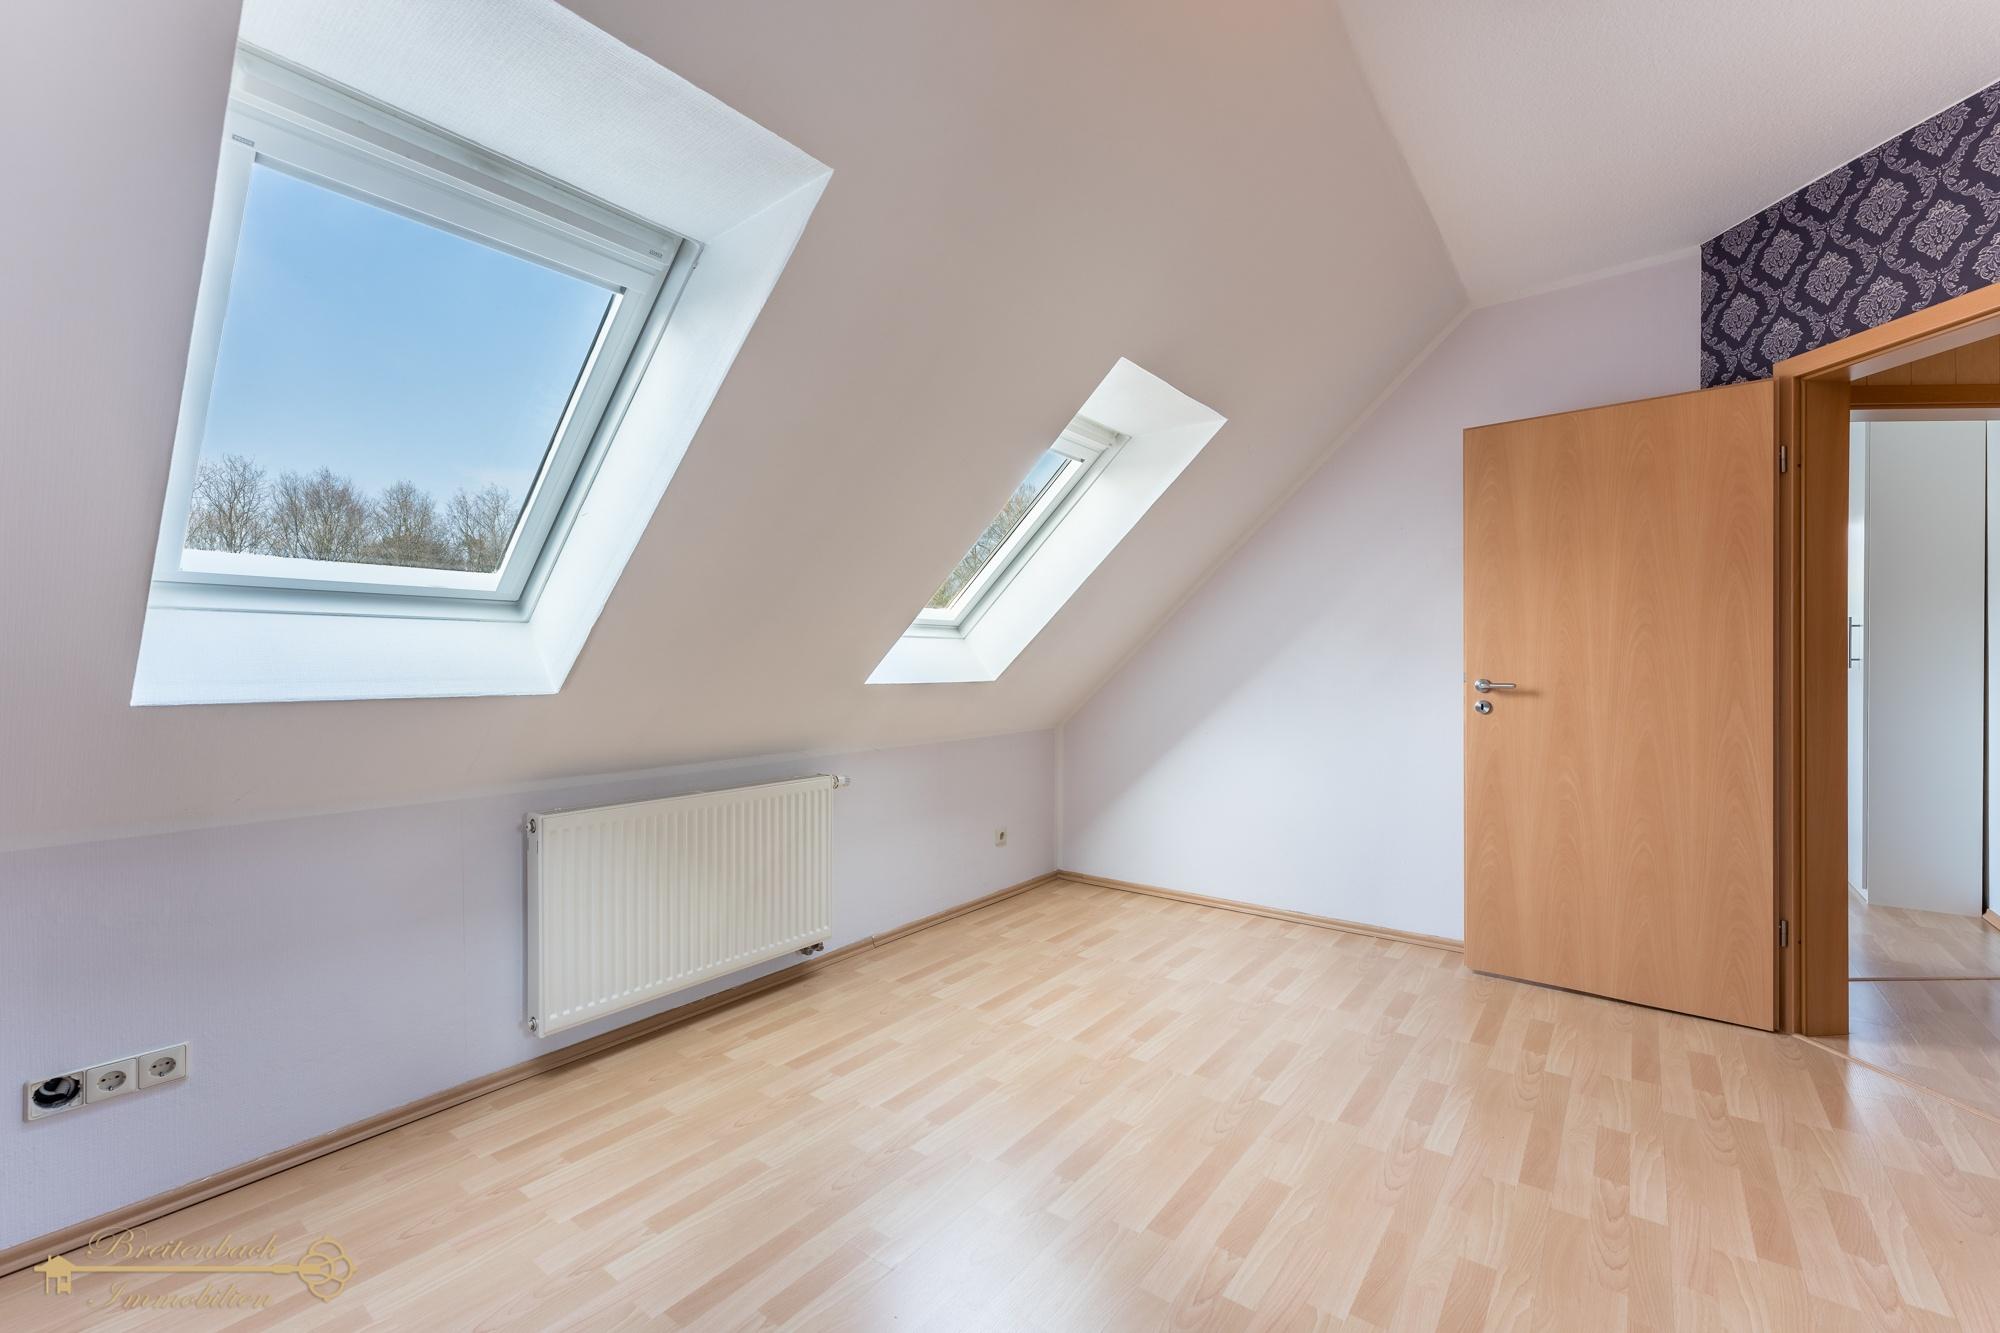 2021-03-25-Breitenbach-Immobilien-Makler-Bremen-18